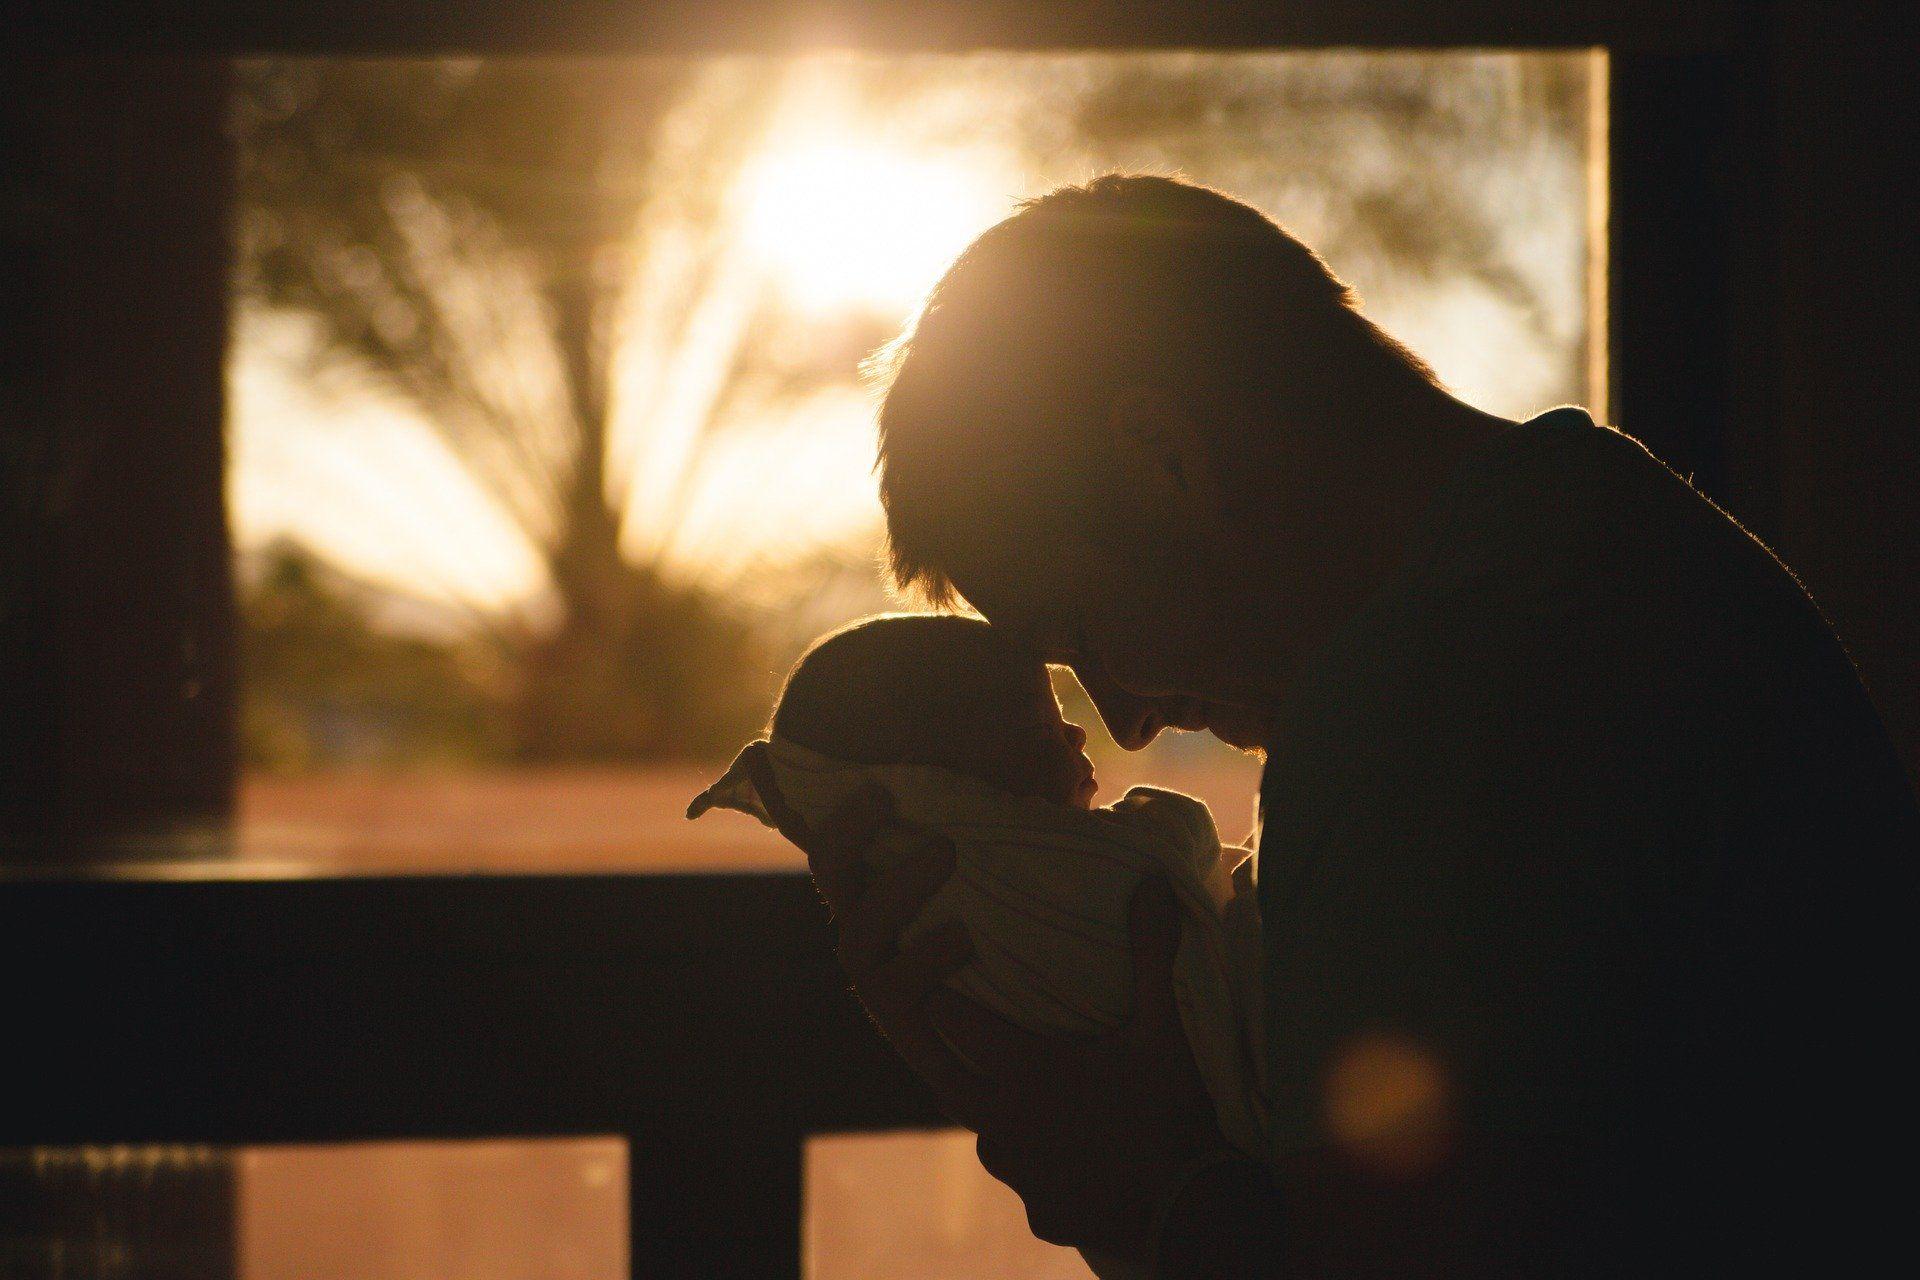 Ein Vater hält sein Neugeborenes in den Händen.